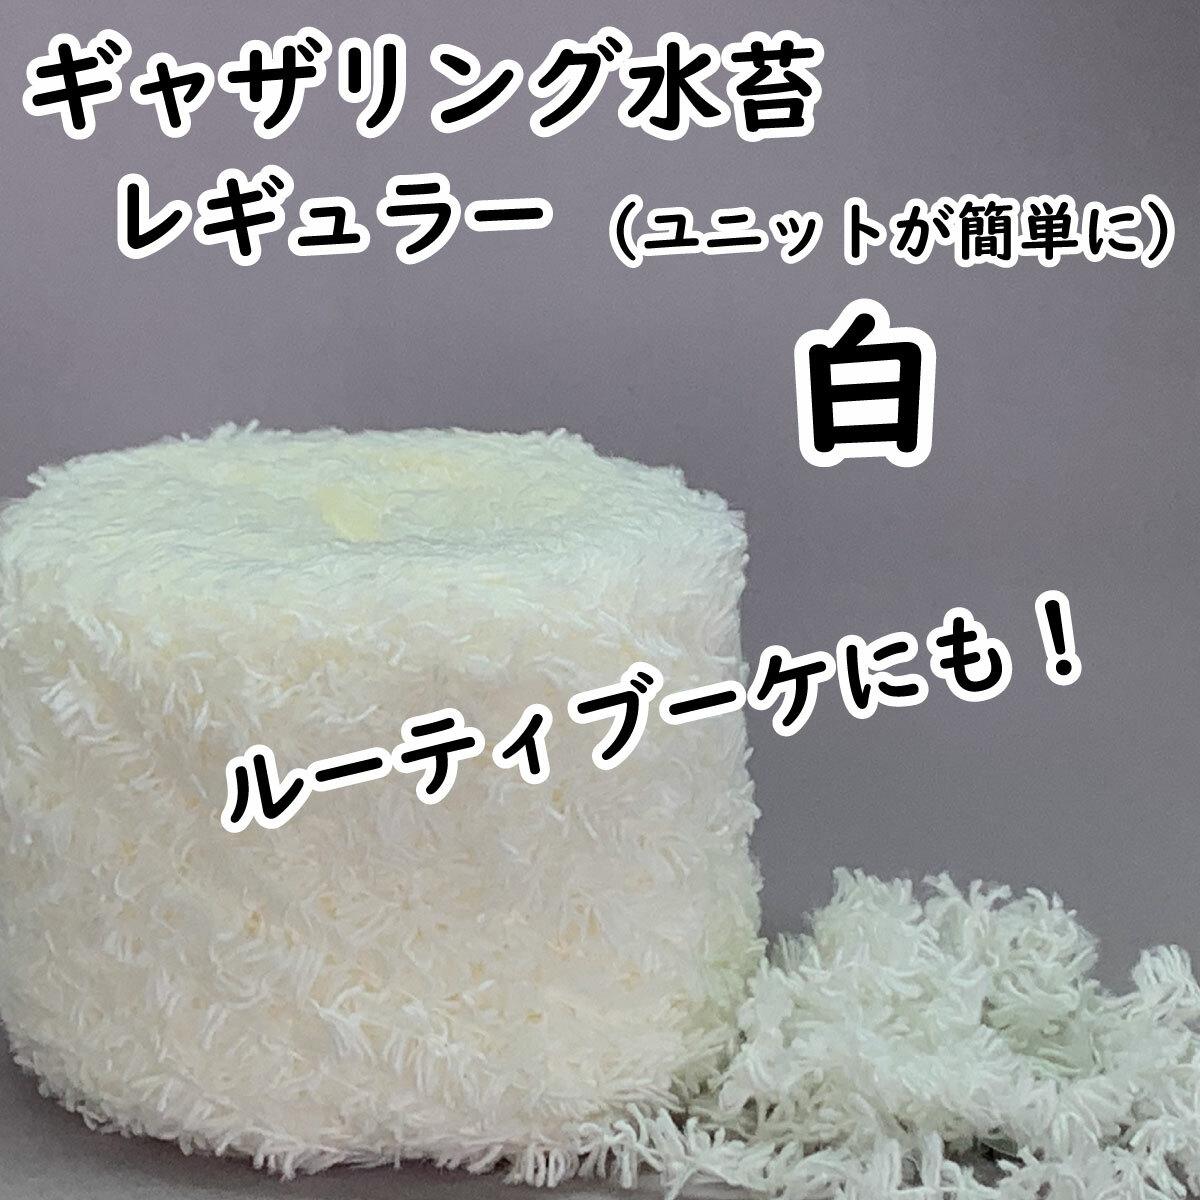 【ギャザリング水苔レギュラー】10色からお選びください - 画像4